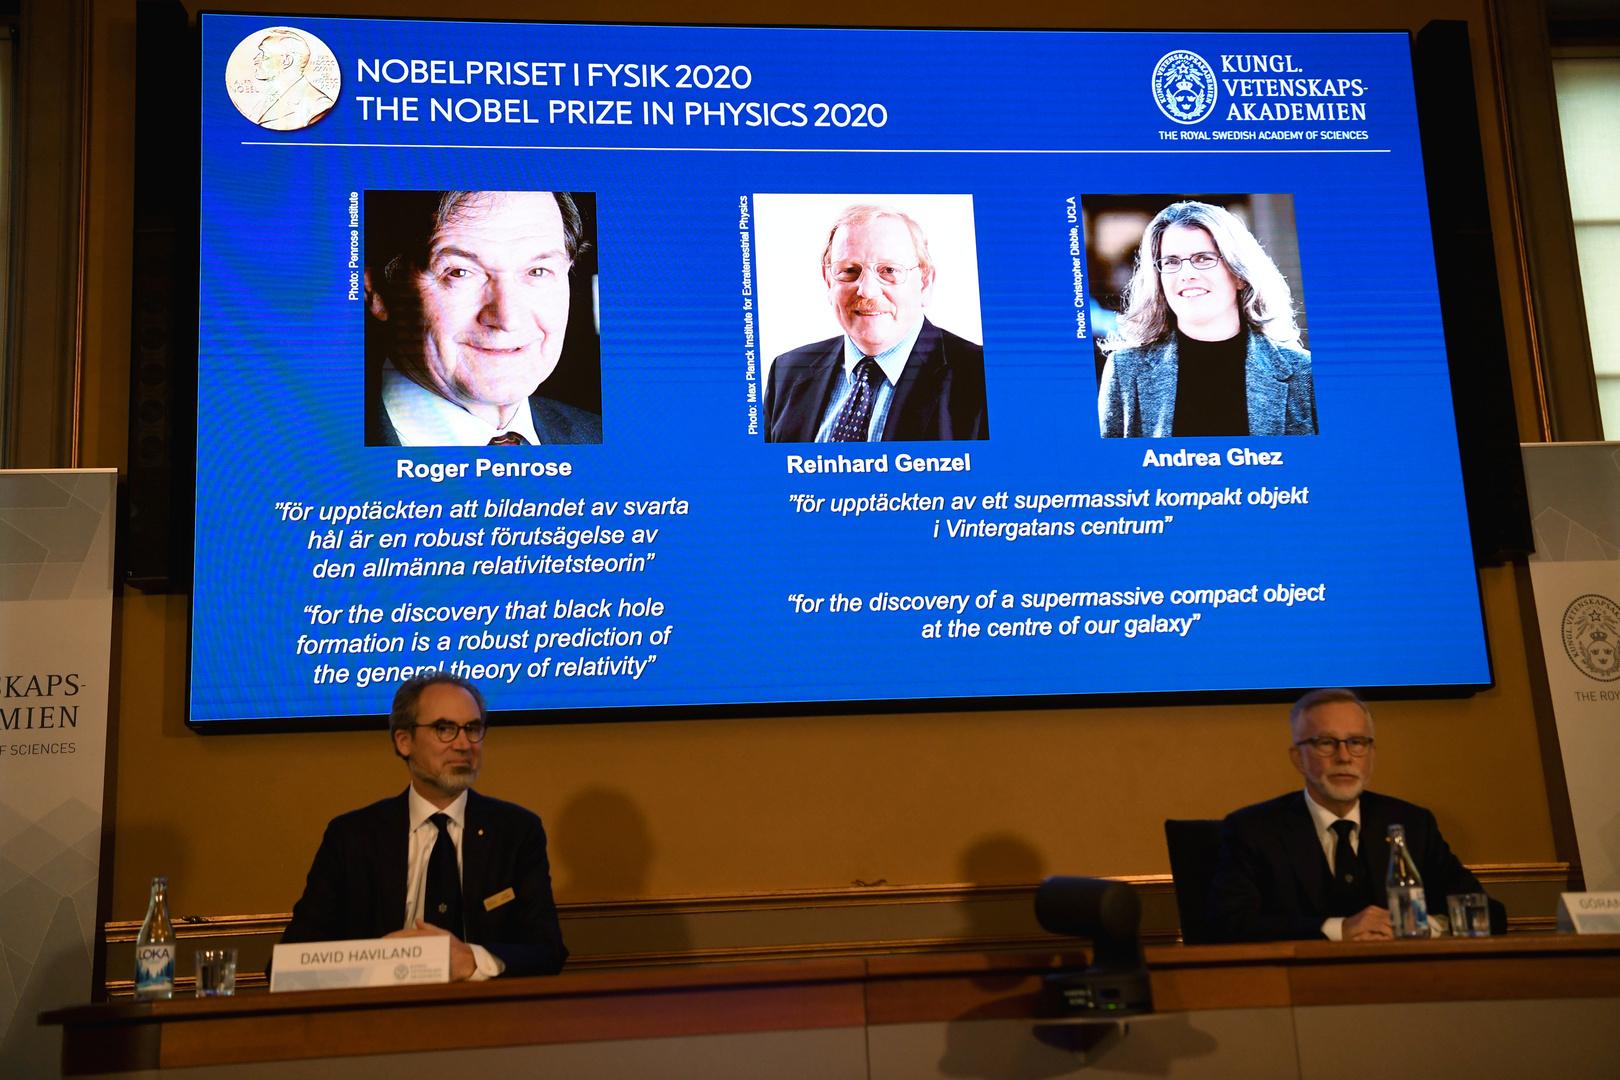 الفائزون بجائزة نوبل للفيزياء 2020